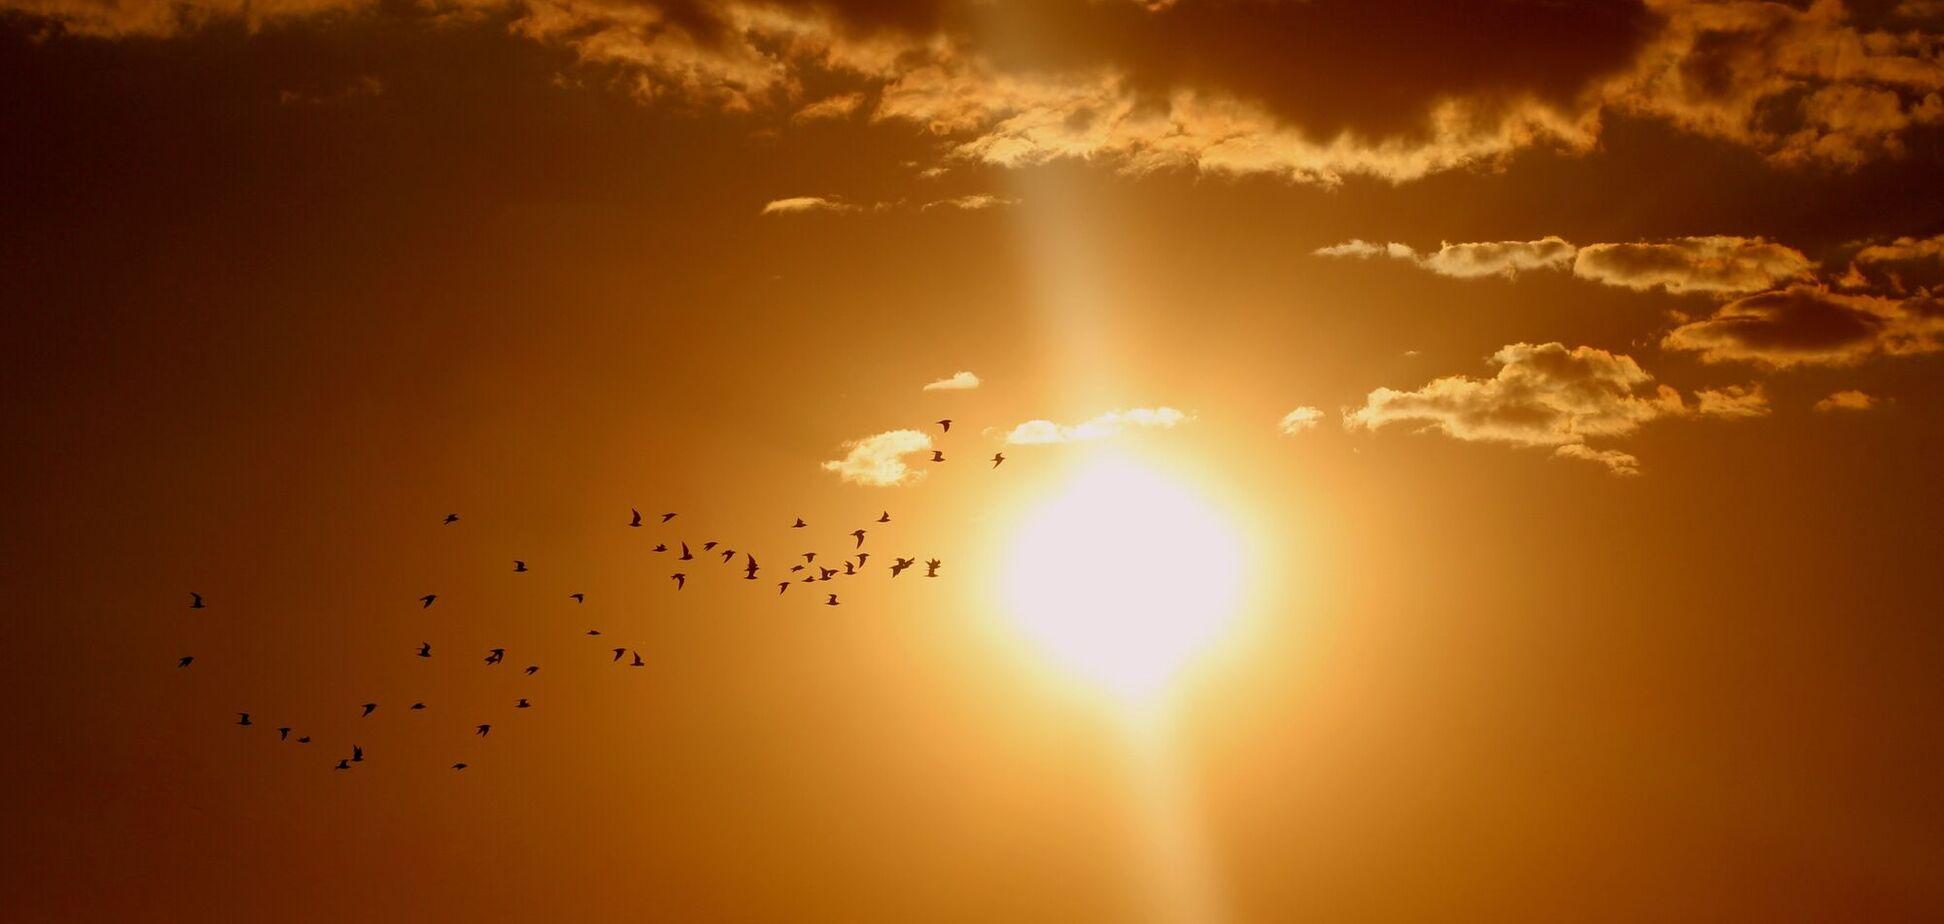 Сонячна система перестане існувати через 100 мільярдів років, вважають вчені